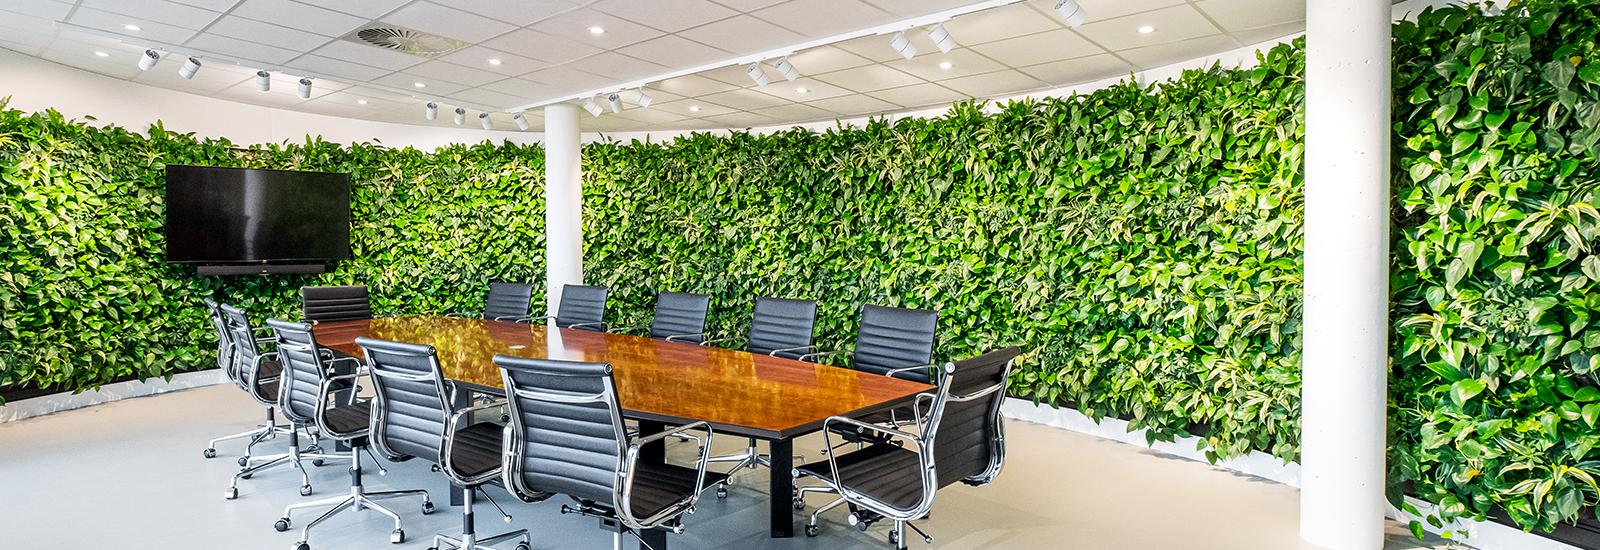 Mobilane InText MIA VAMIL Subsidie regeling Indoor Begroeiing